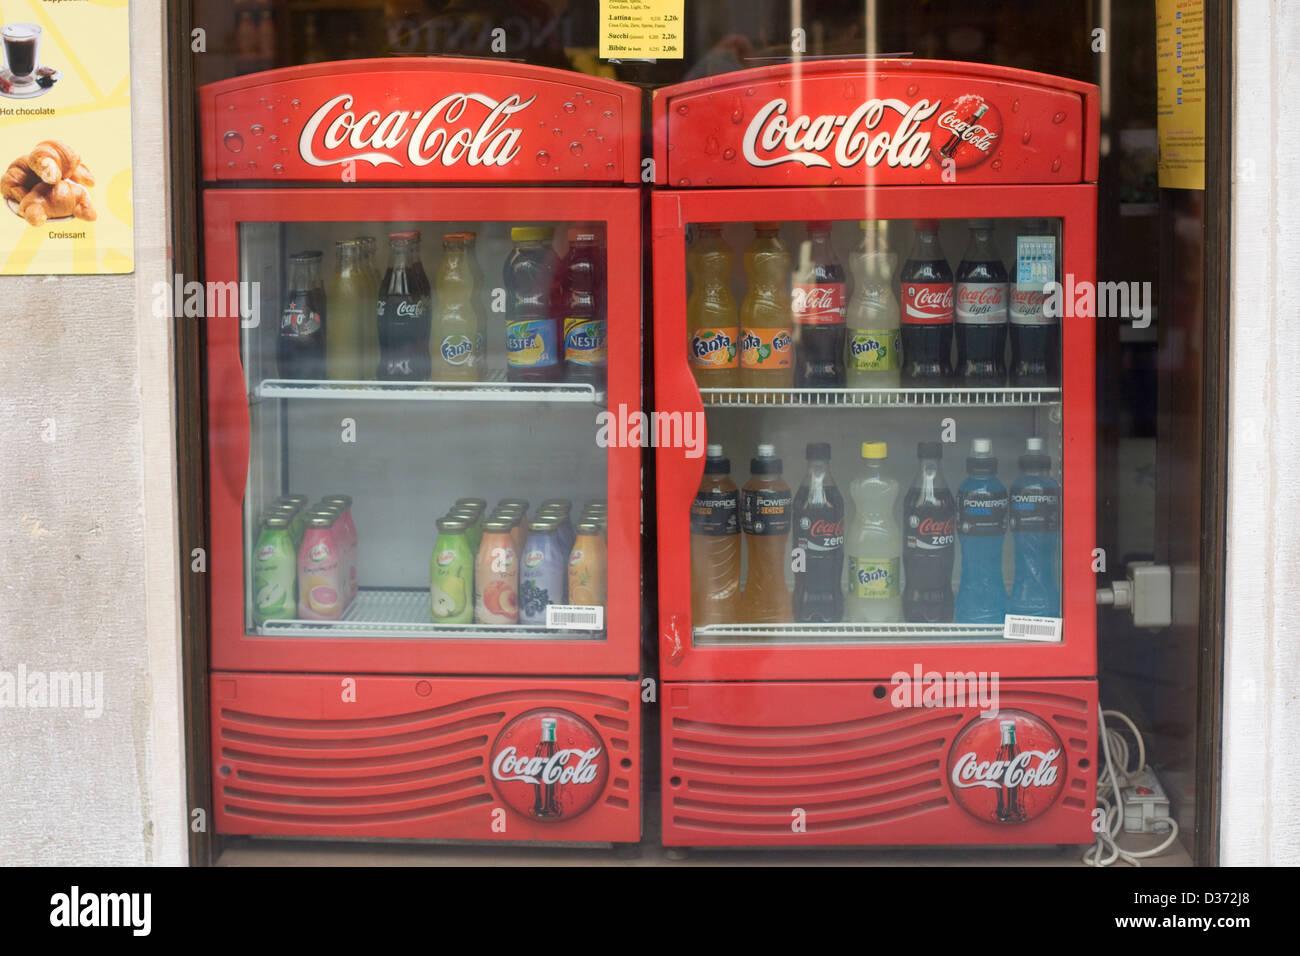 Kühlschrank Coca Cola : Coca cola kühlschrank ebay kleinanzeigen